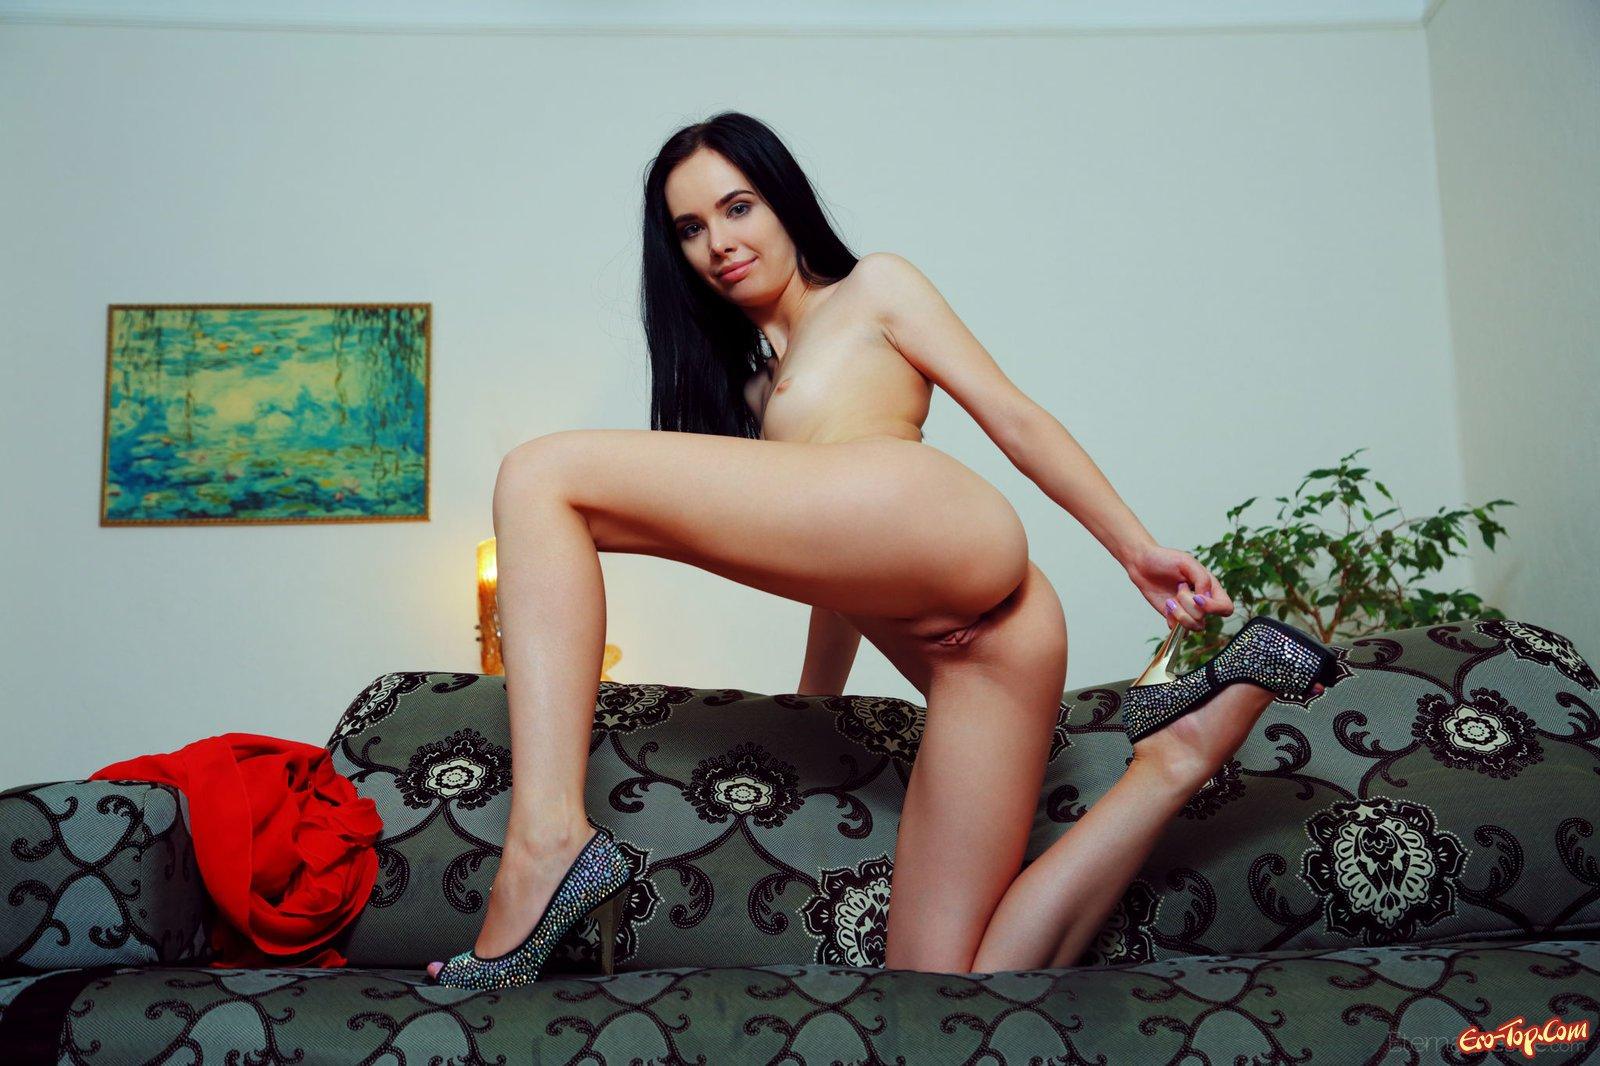 Брюнетка с наслаждением показывает выбритую вагину